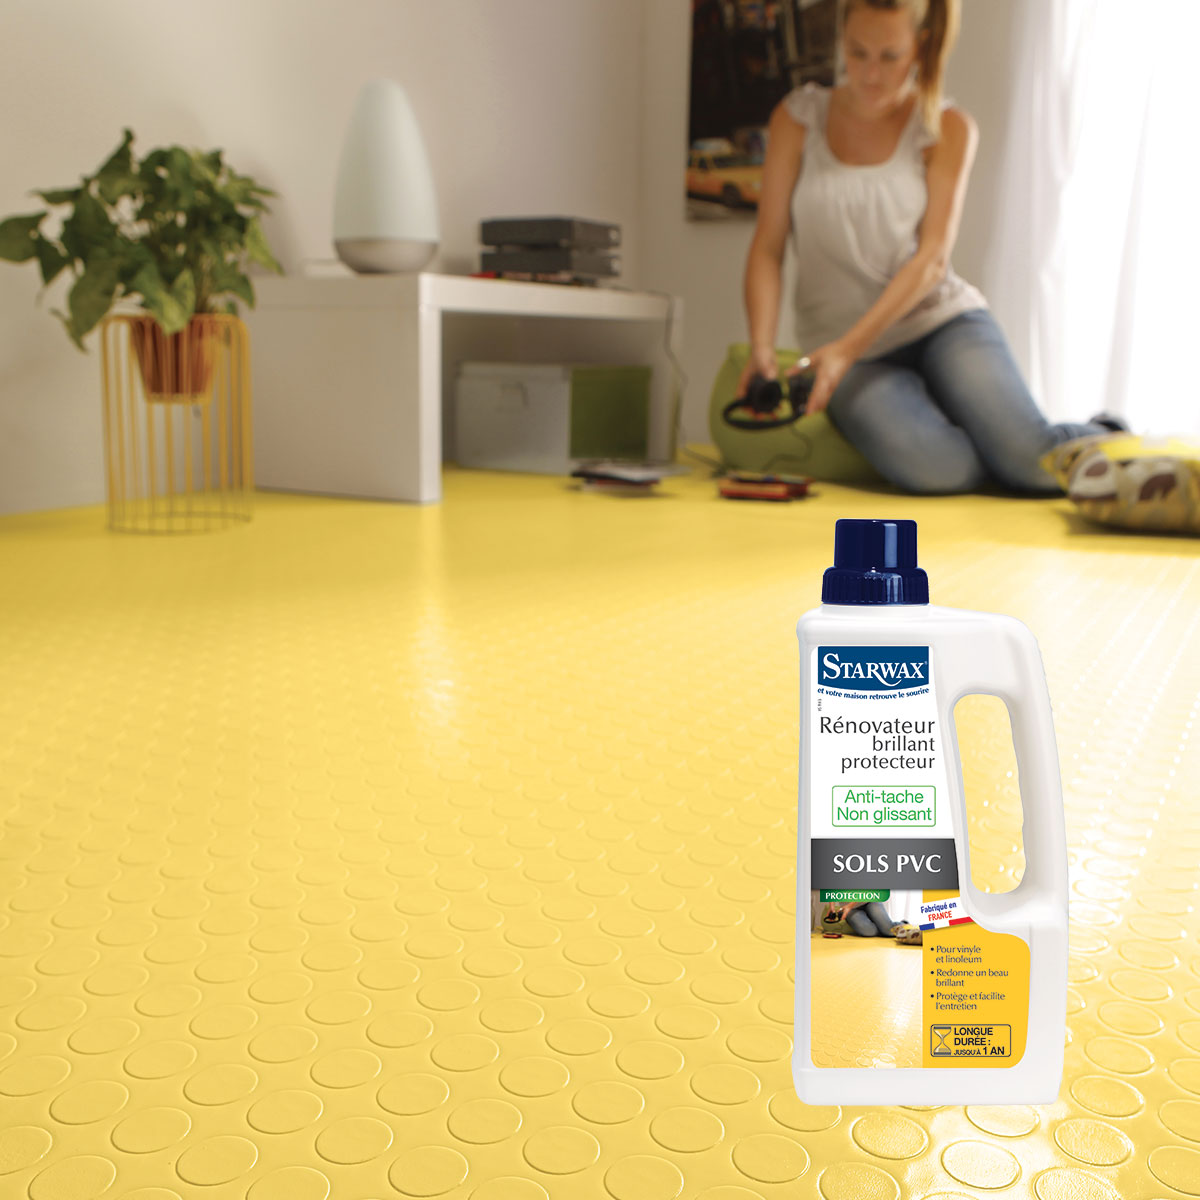 r novateur brillant protecteur pour sols pvc starwax produits d entretien maison. Black Bedroom Furniture Sets. Home Design Ideas